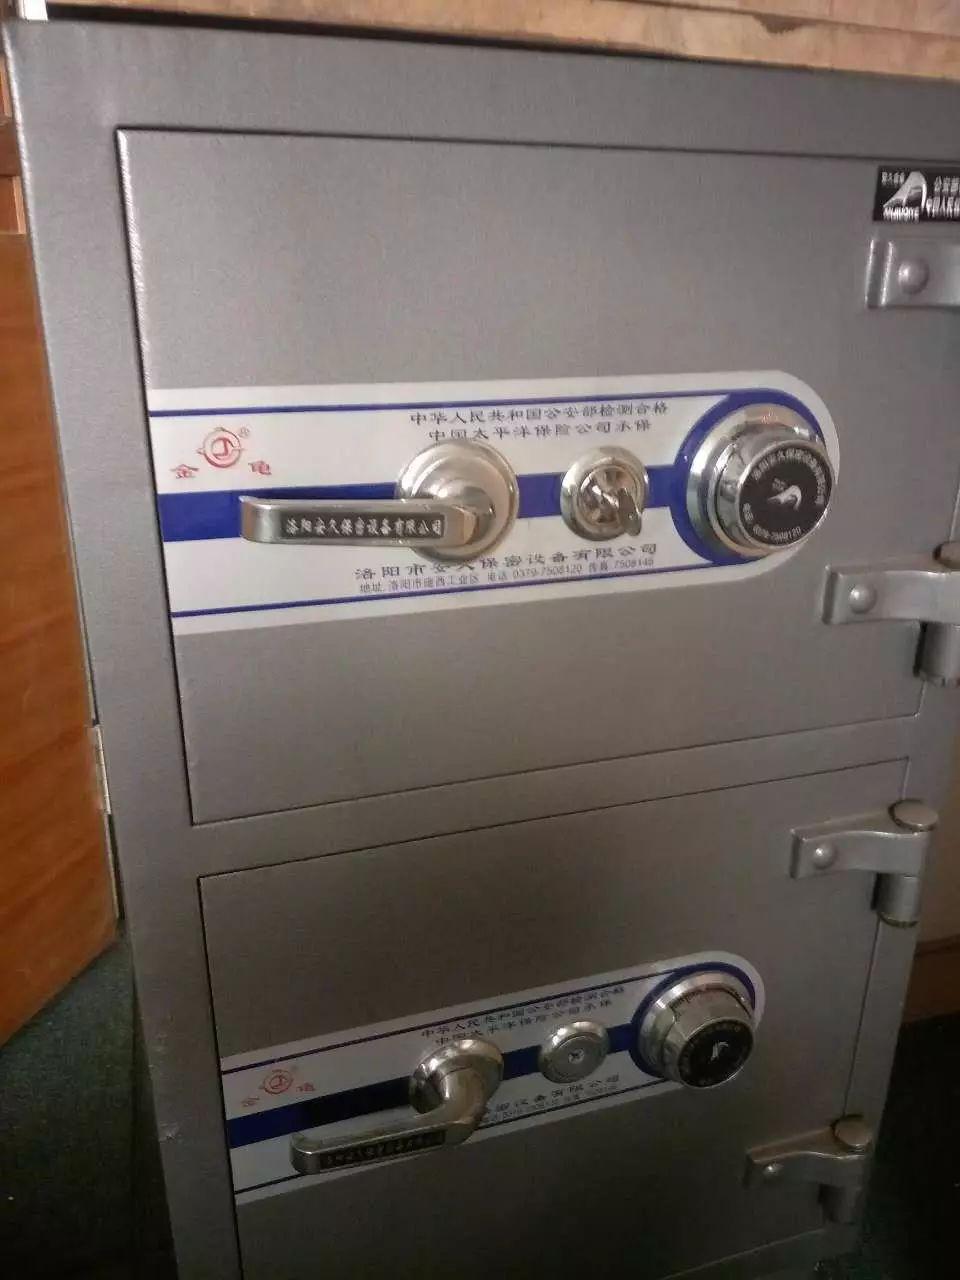 长春净月区保险柜上门维修开锁,保险柜开锁维修电话